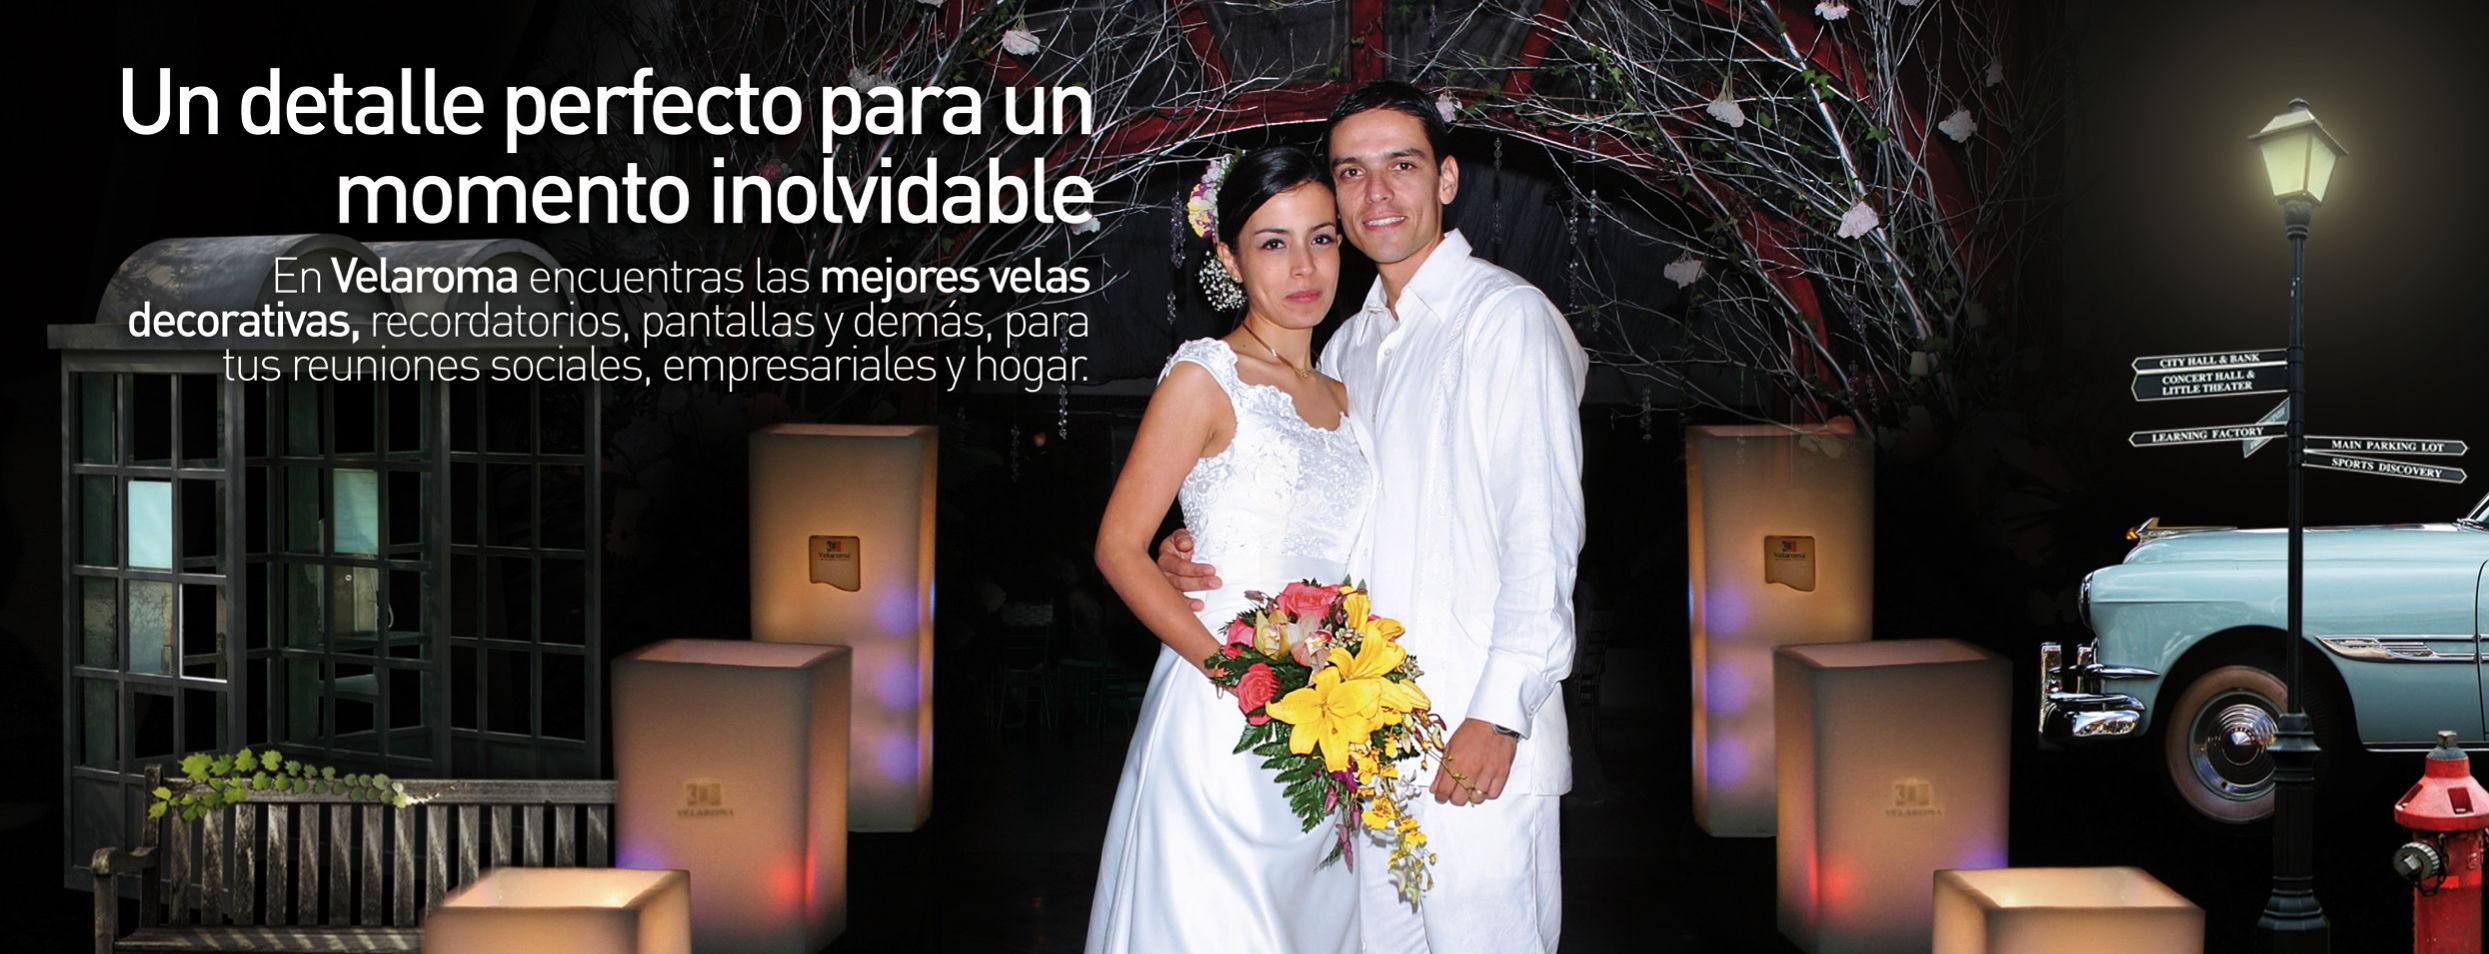 aviso 2012B.jpg